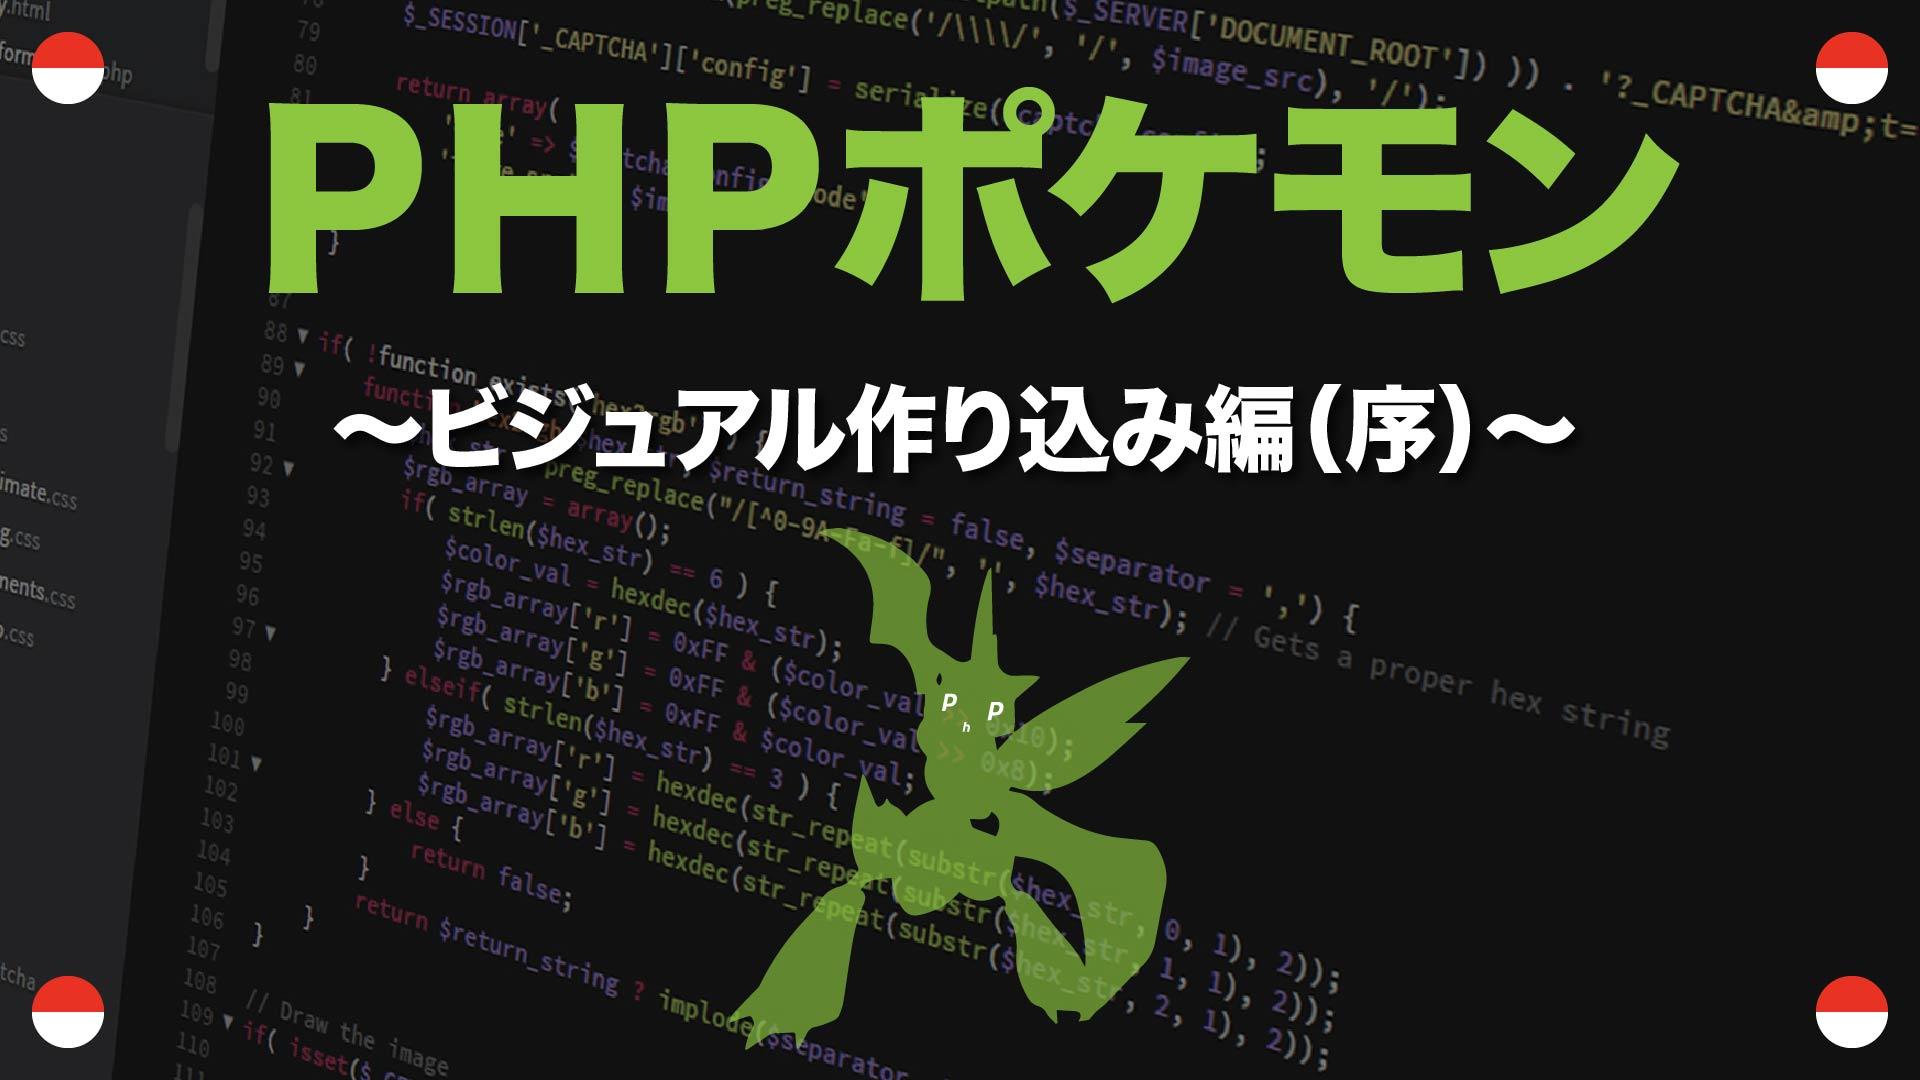 ビジュアル作り込み編(序) PHPポケモン66